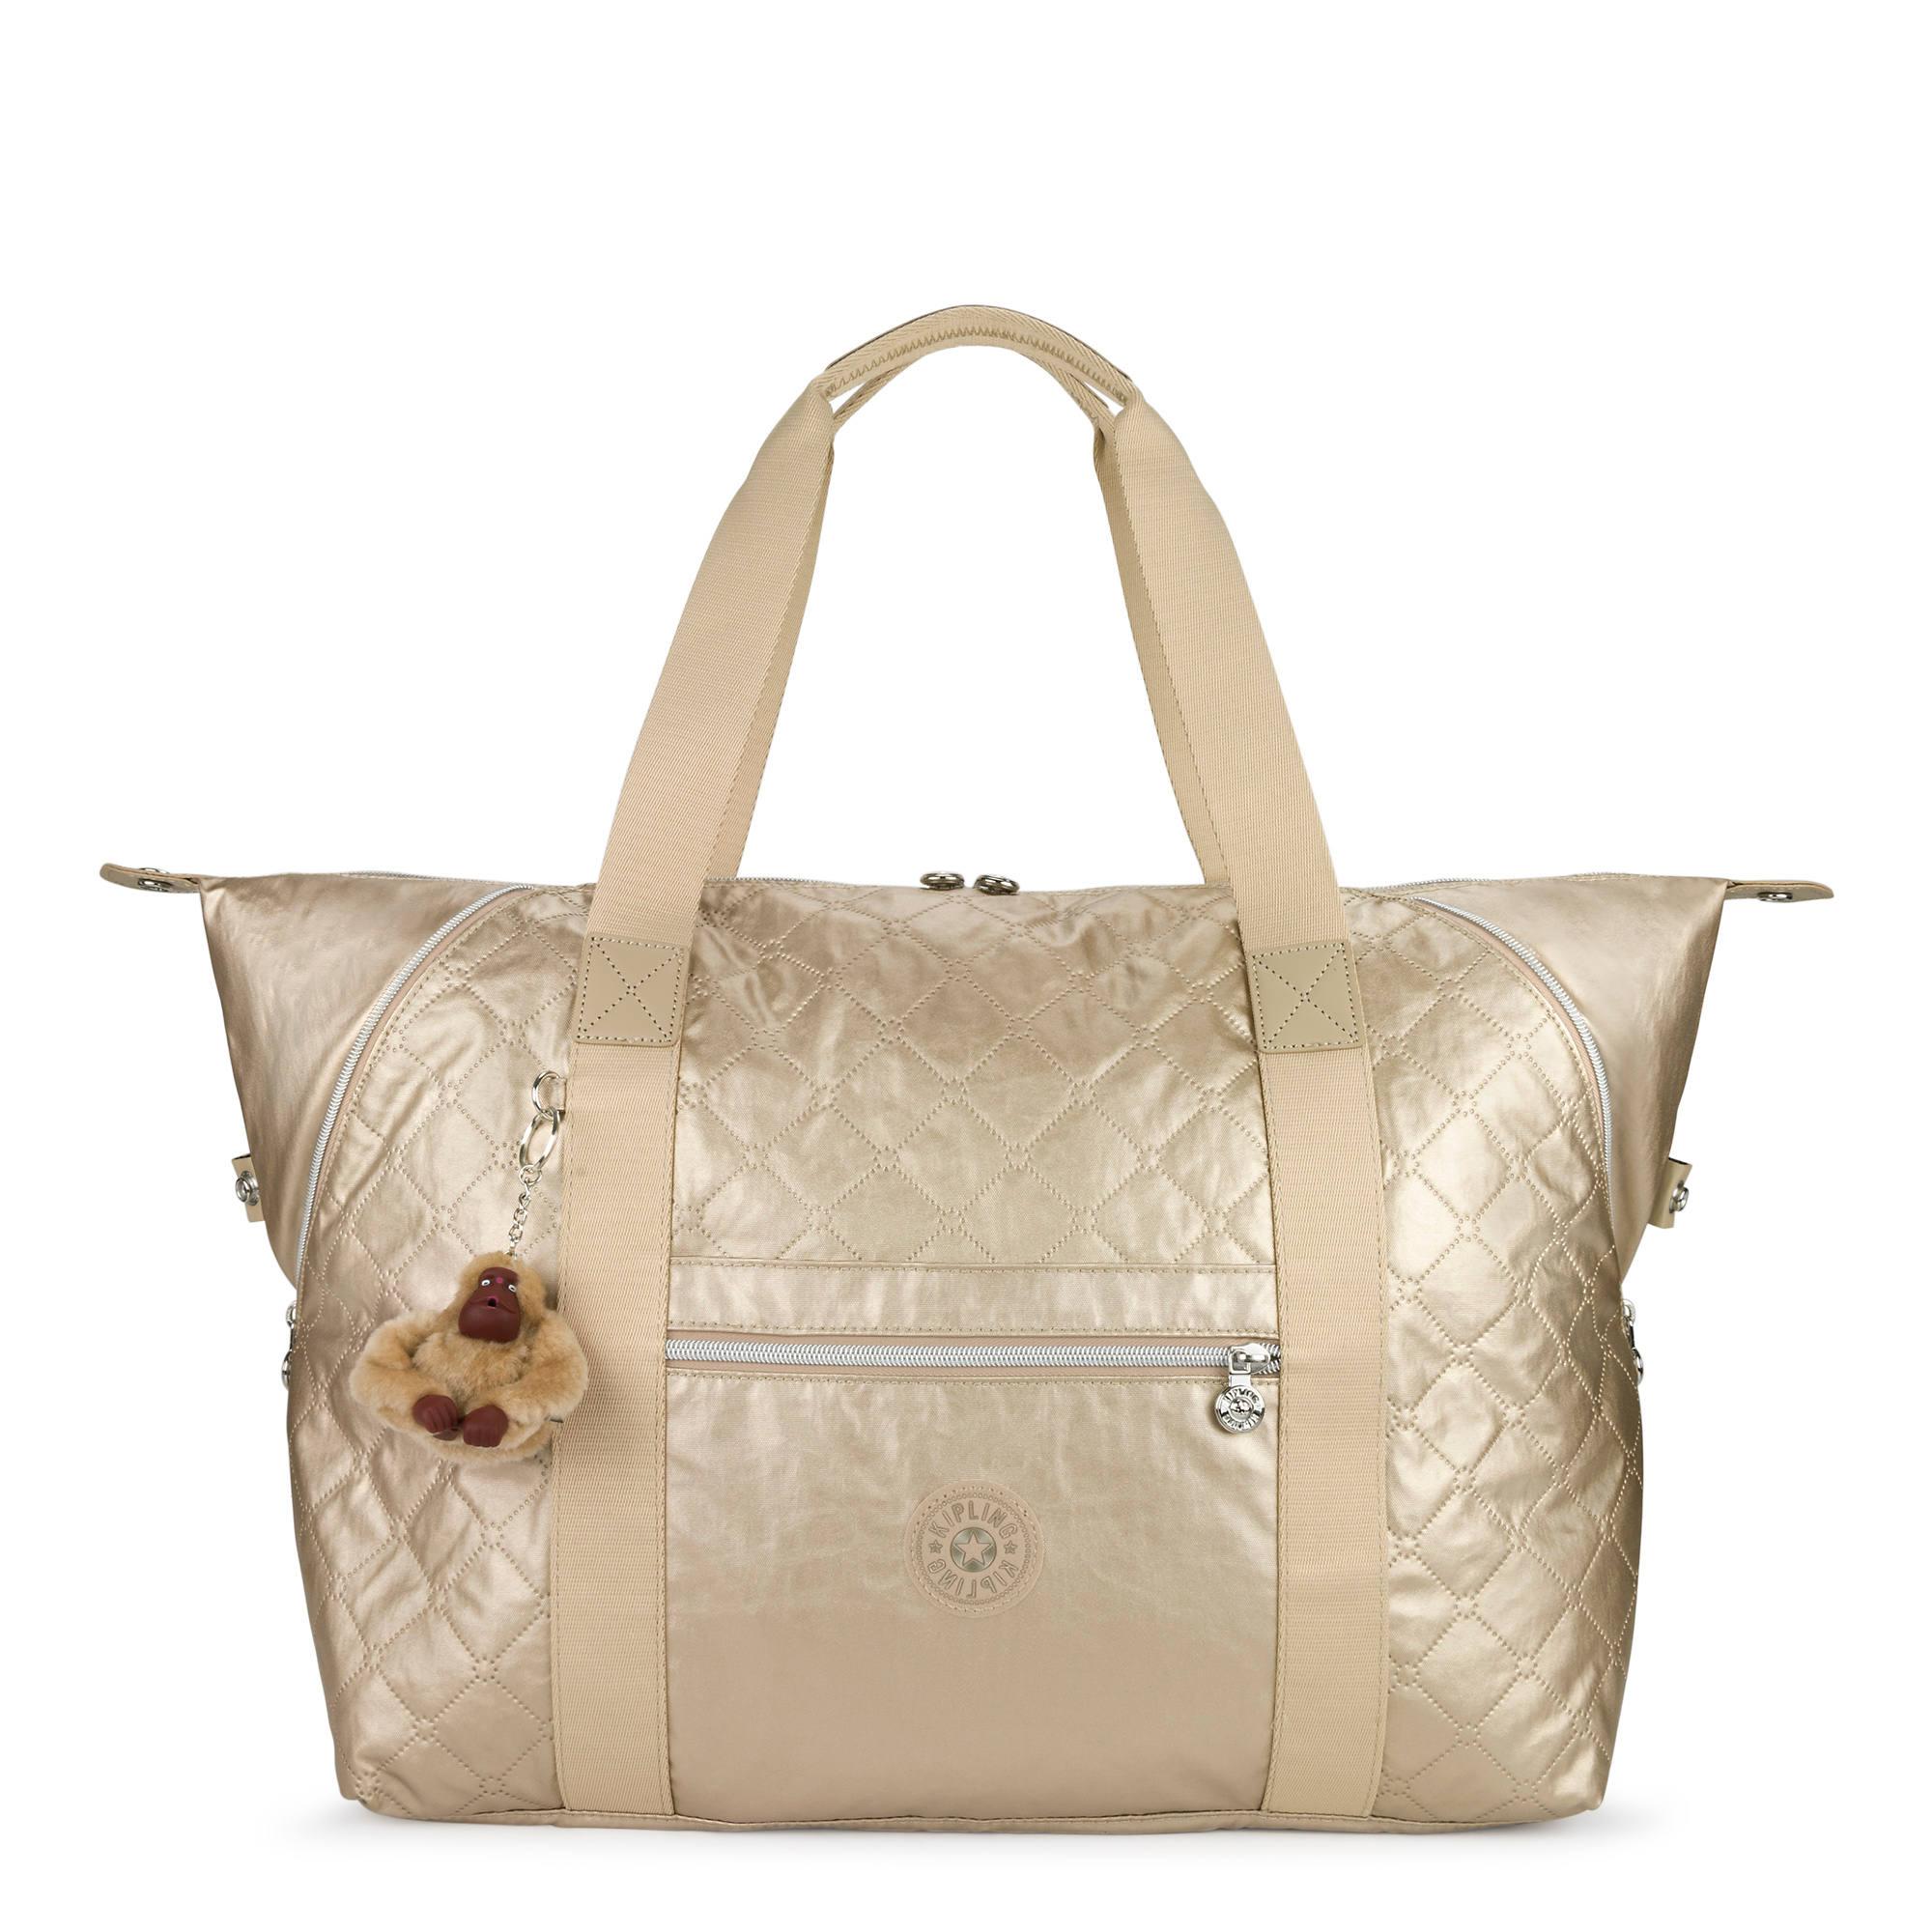 06804bc5ed64 Art Medium Metallic Quilted Tote Bag